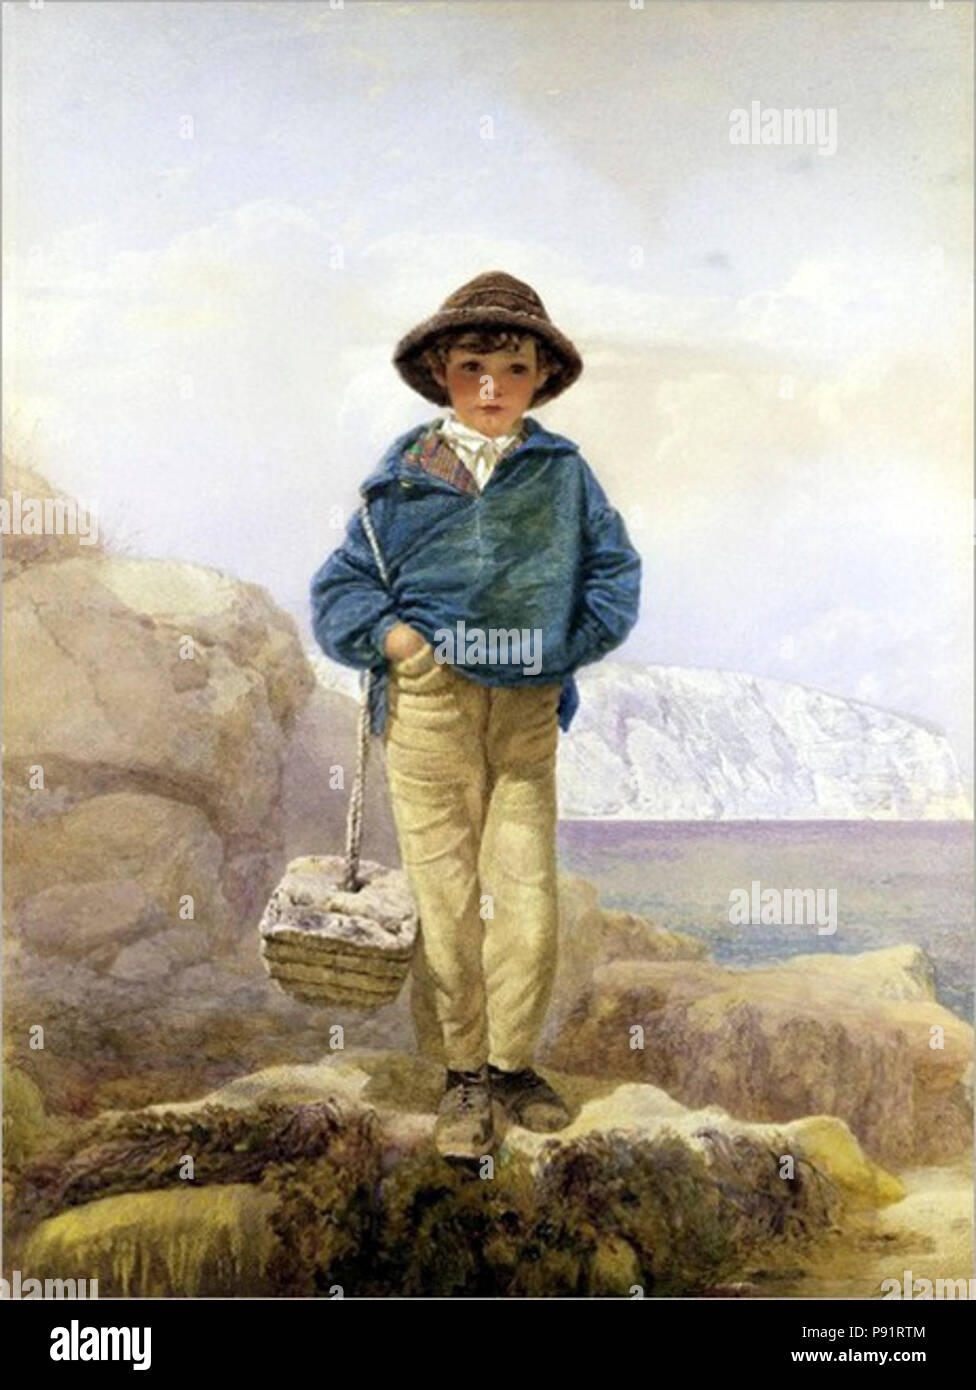 Un pêcheur garçon par Alfred Downing Fripp. Photo Stock